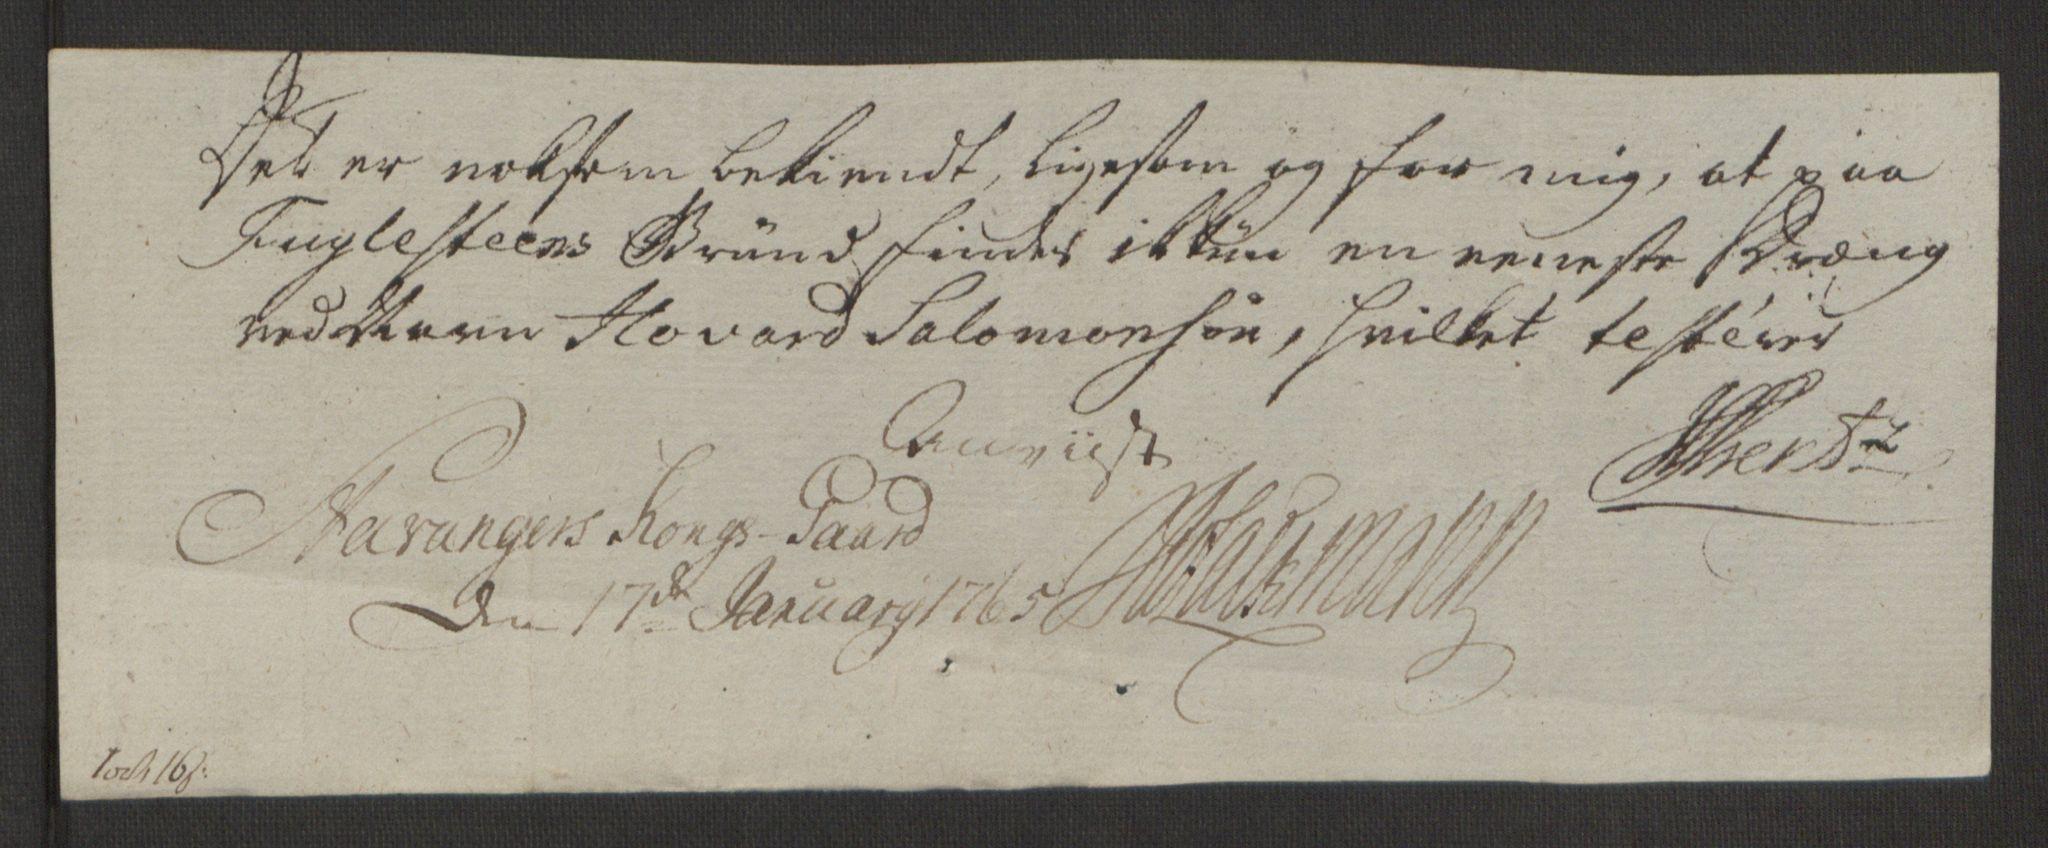 RA, Rentekammeret inntil 1814, Realistisk ordnet avdeling, Ol/L0016b: [Gg 10]: Ekstraskatten, 23.09.1762. Ryfylke, 1764-1768, s. 383